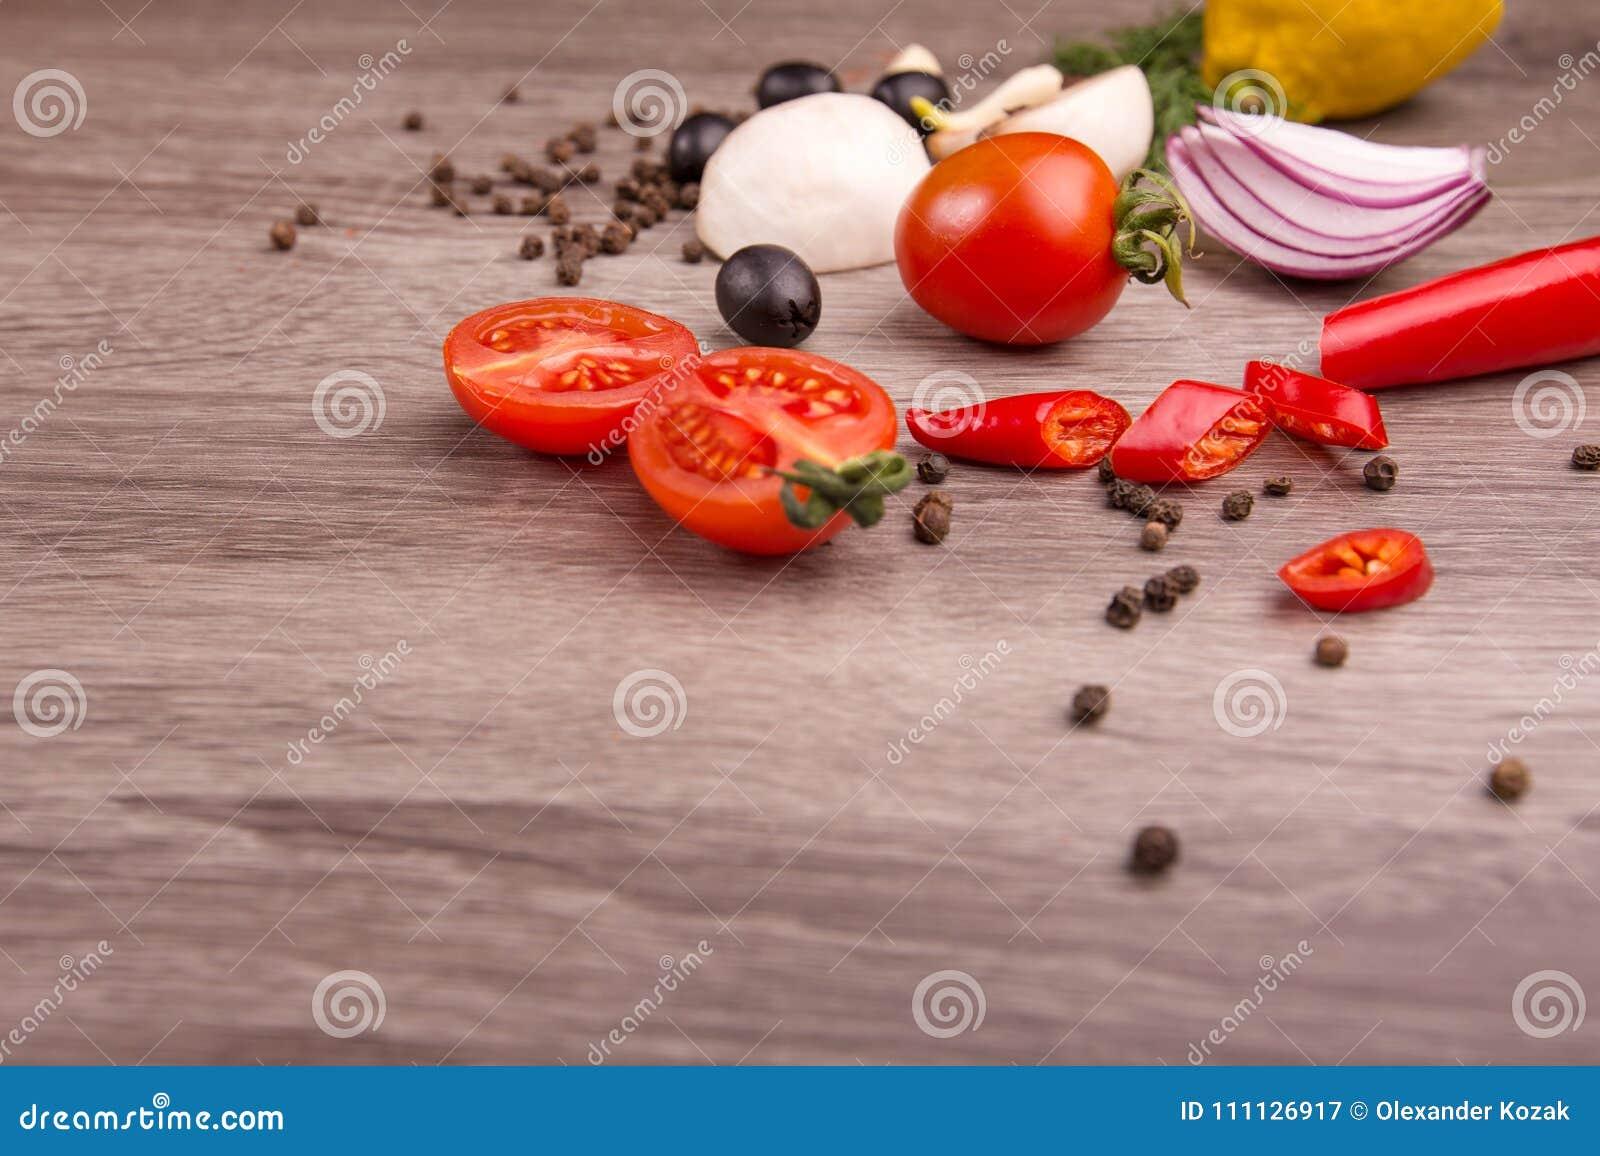 Здоровые предпосылка еды/фото студии различных фруктов и овощей на деревянном столе